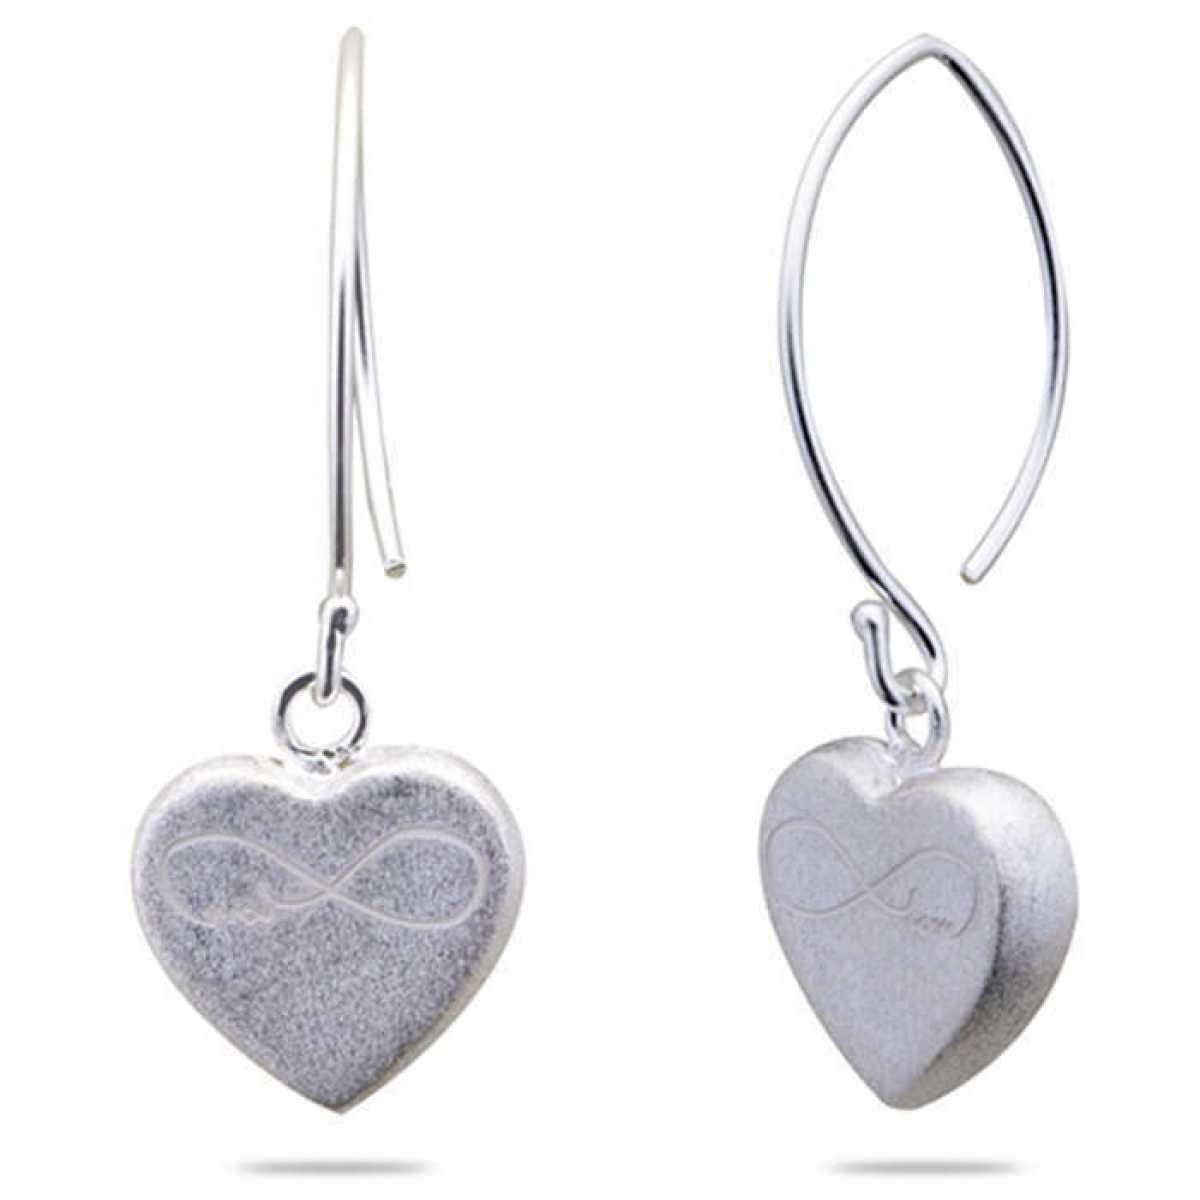 Fish Hook Heart Silver Earring